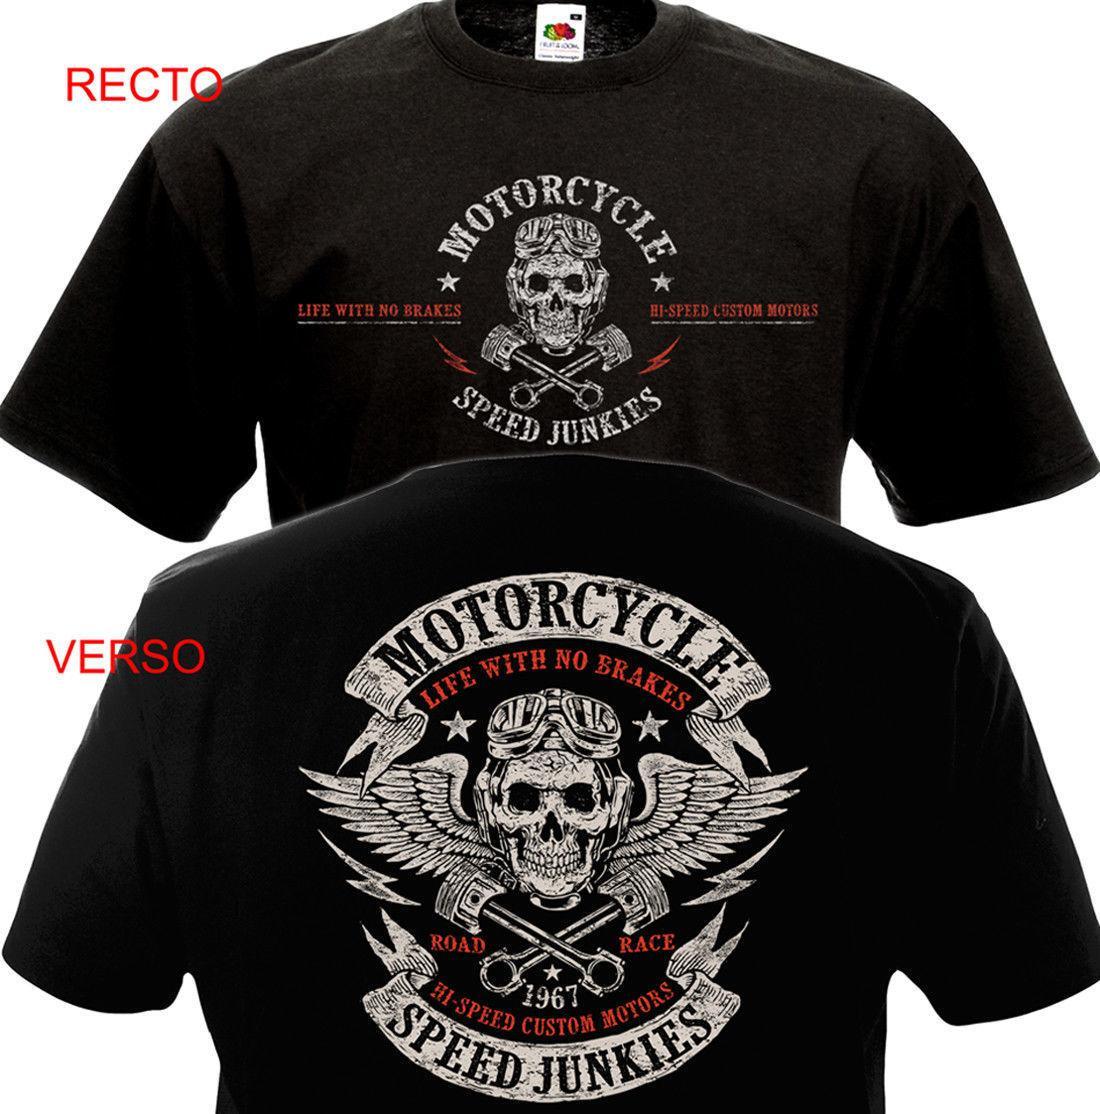 Roupas engraçadas Casuais Camisetas de Manga Curta T-shirt Da Motocicleta Velocidade Junkies Biker Chopper Motard Mc T-shirt Y19060601